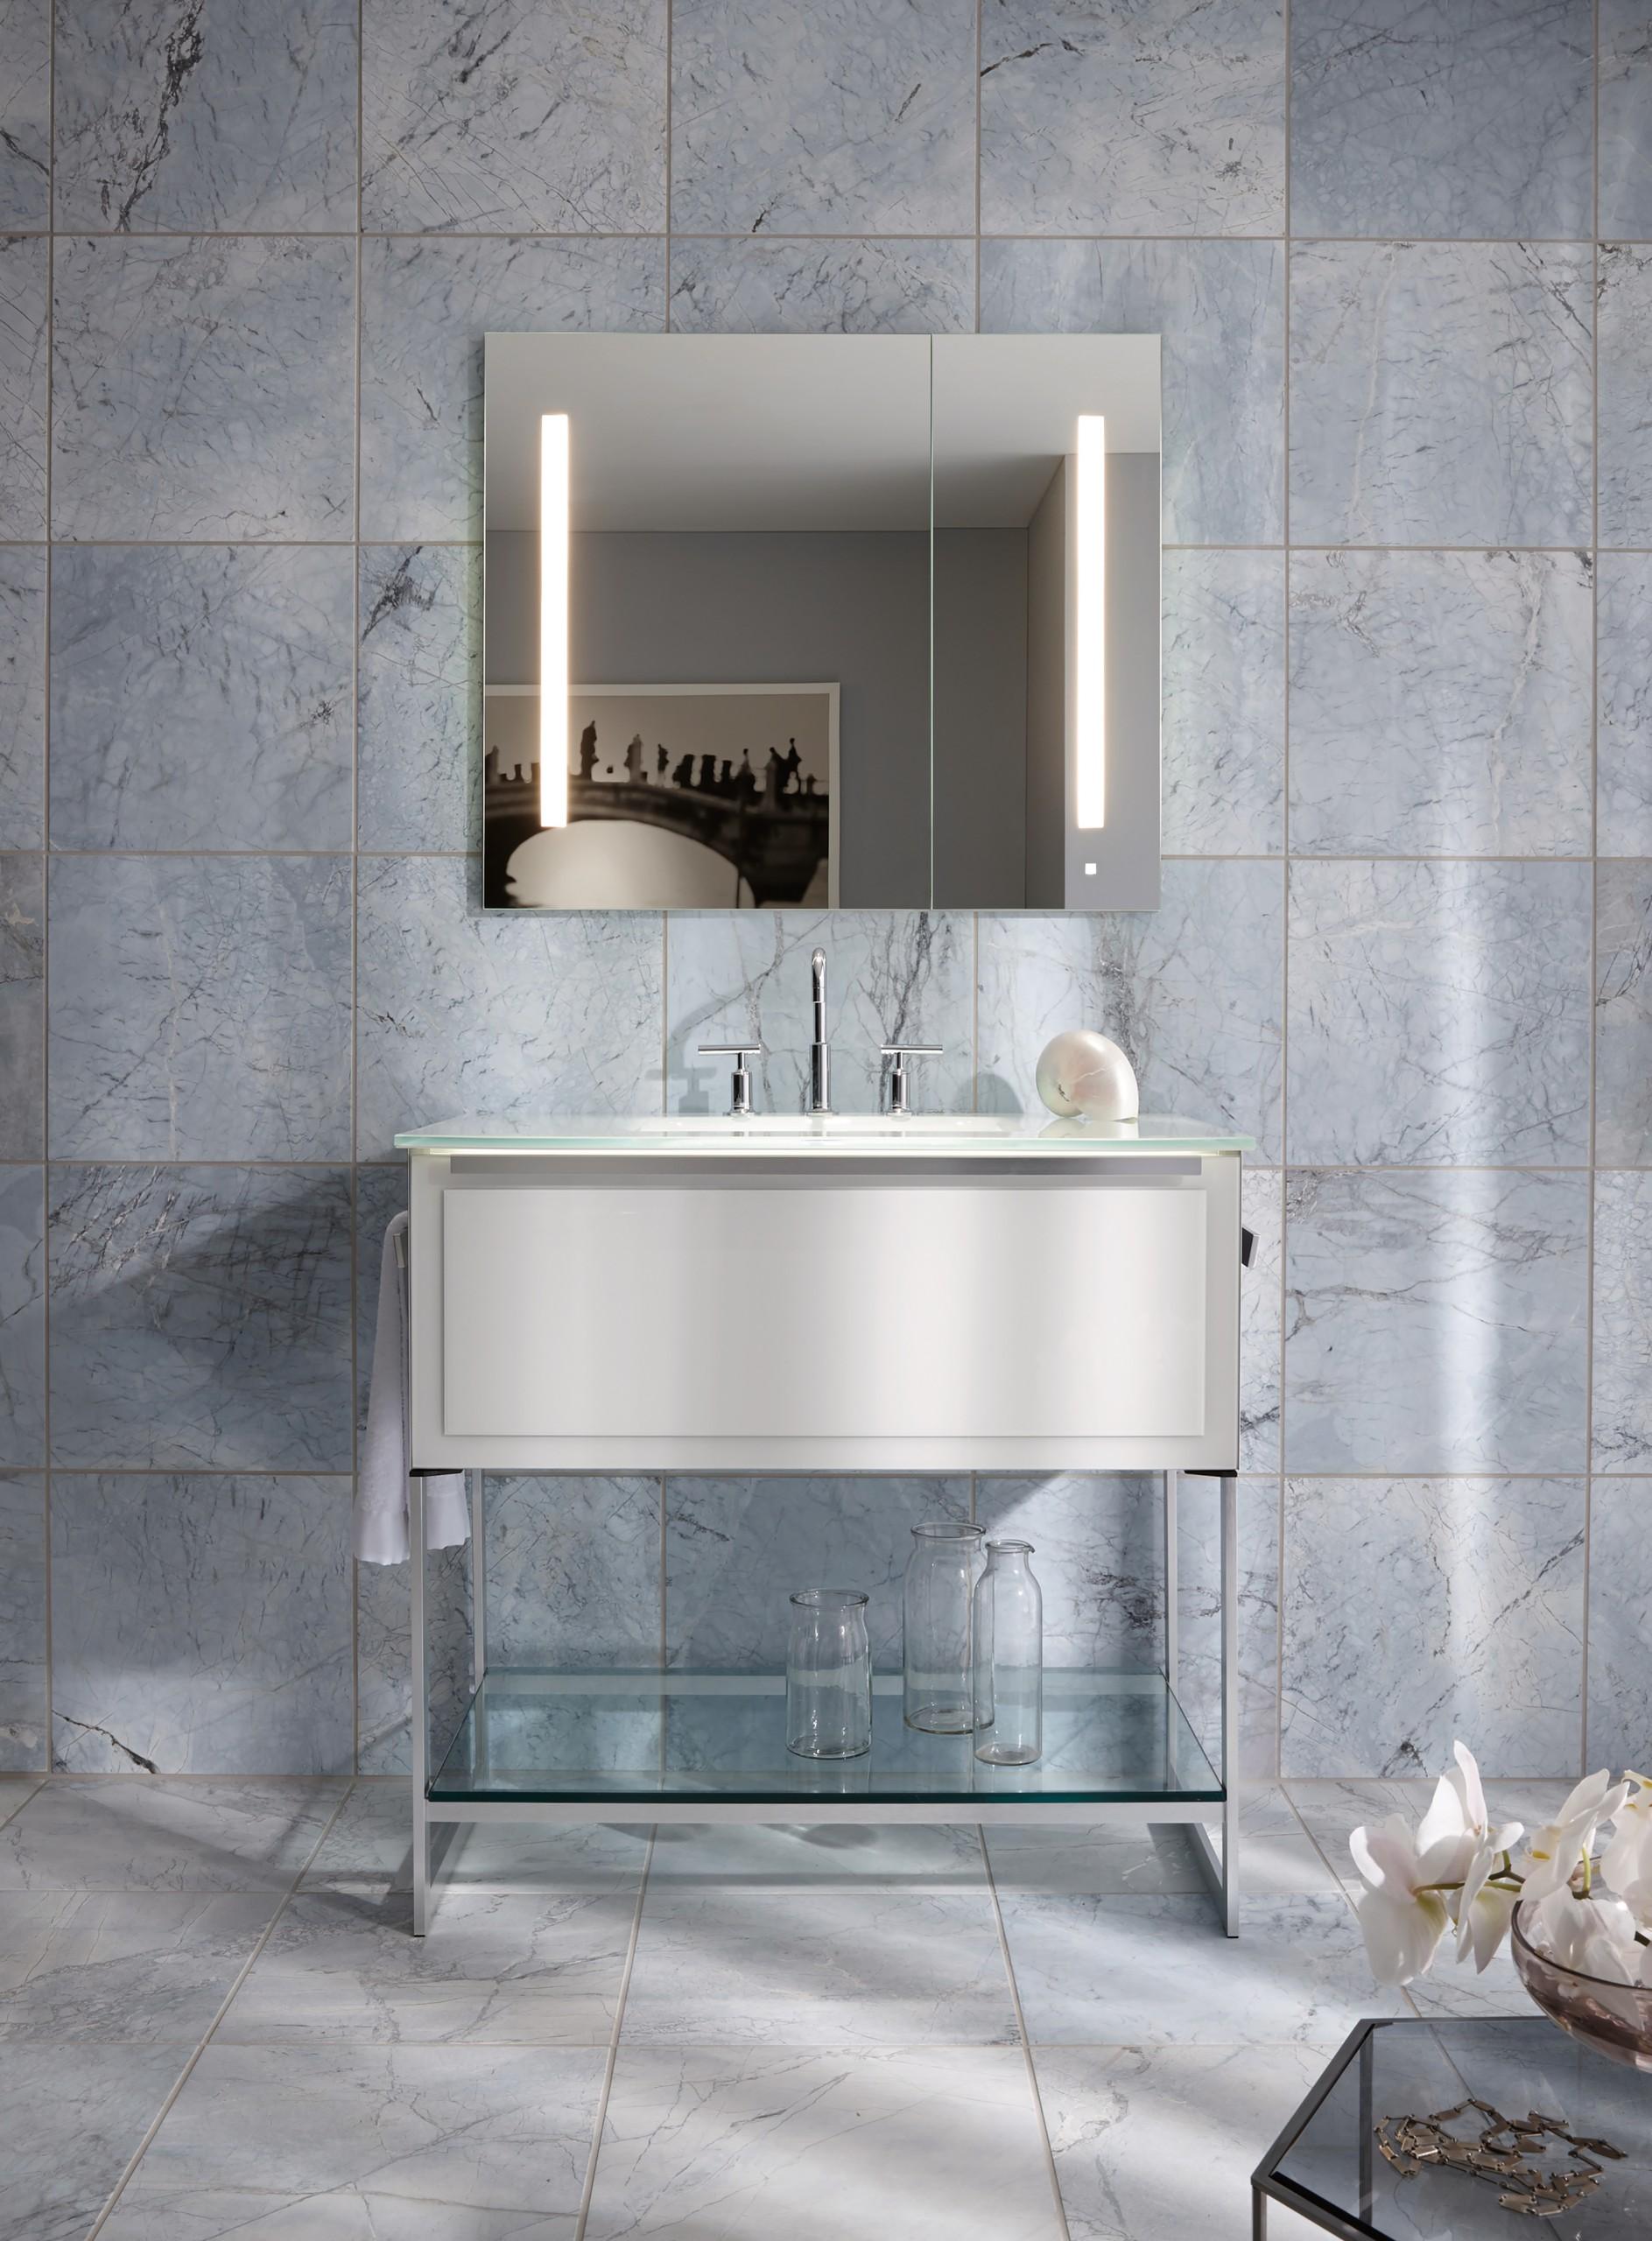 back-lit medicine cabinets in modern bathroom